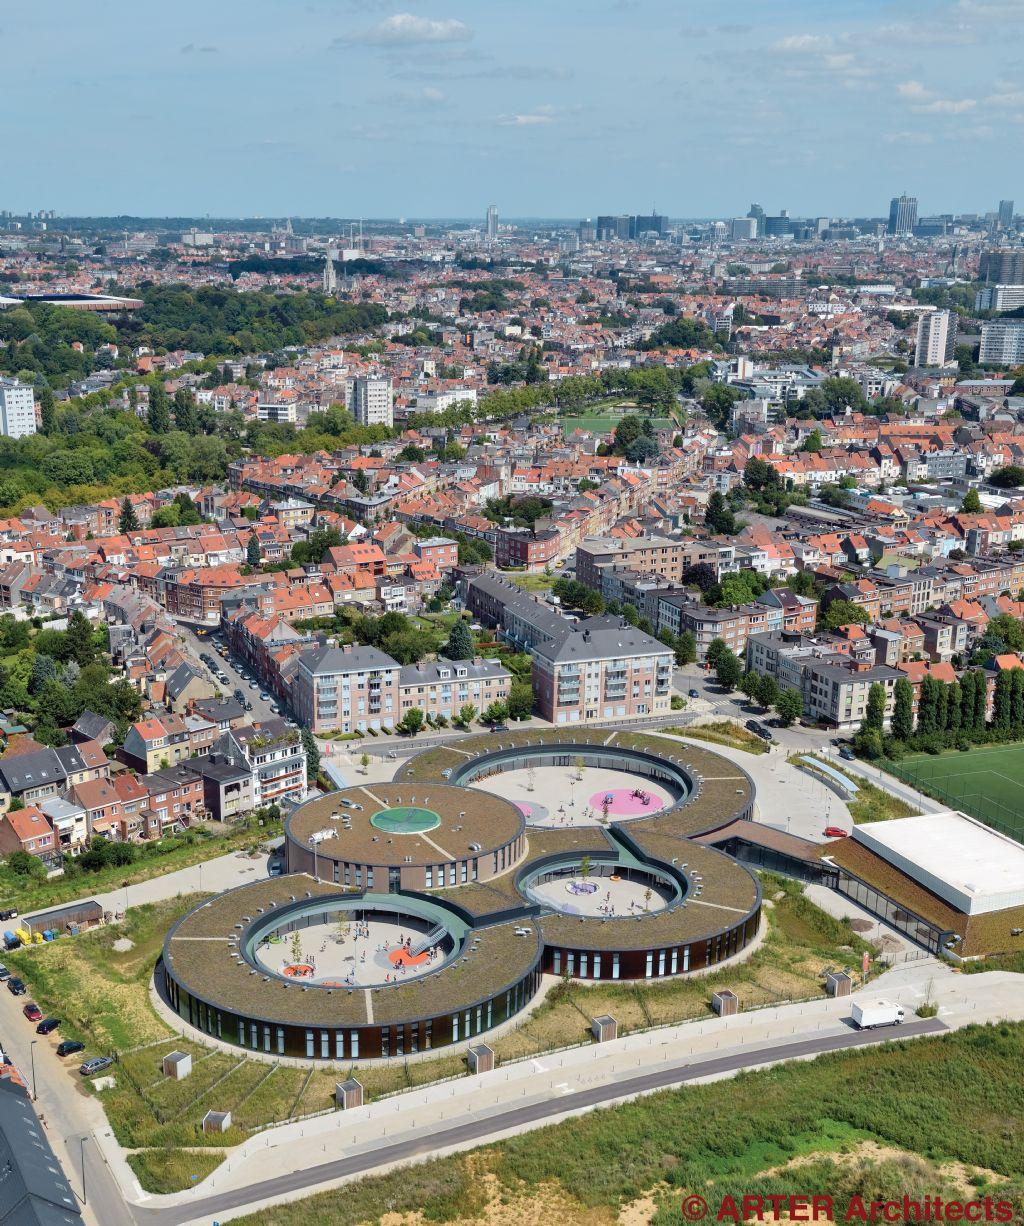 Groendaken fleuren passiefgebouw Les Trèfles in Anderlecht op